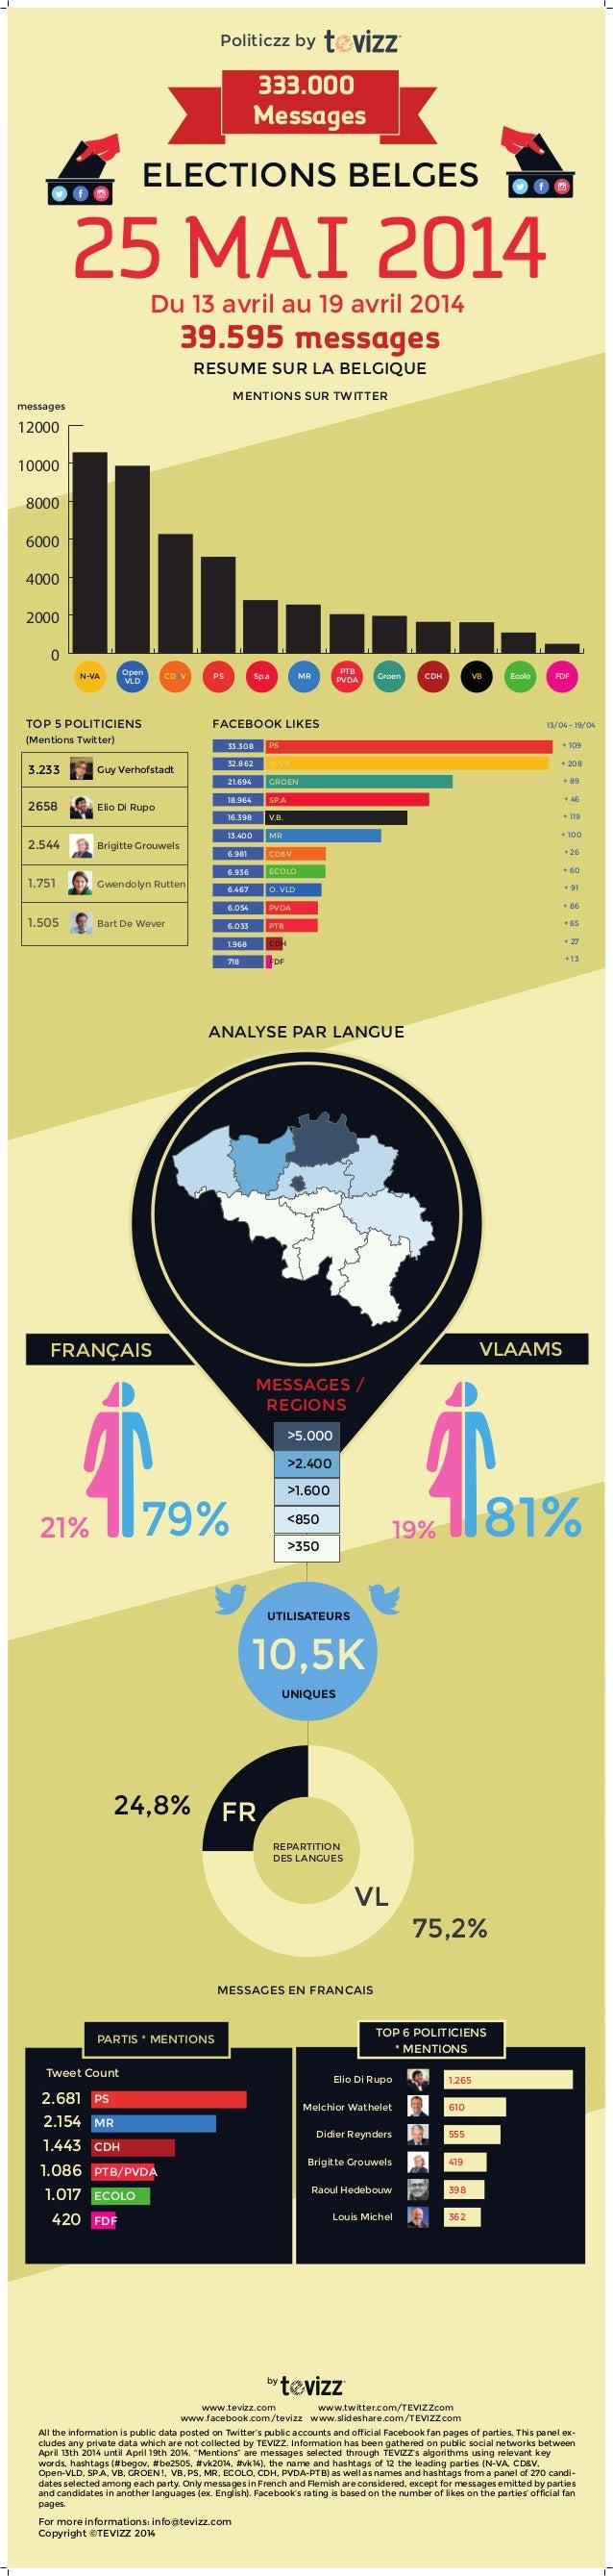 ANALYSE PAR LANGUE FRANÇAIS VLAAMS >350 <850 >1.600 >2.400 >5.000 10,5K UTILISATEURS UNIQUES MESSAGES EN FRANCAIS 19% 81%2...